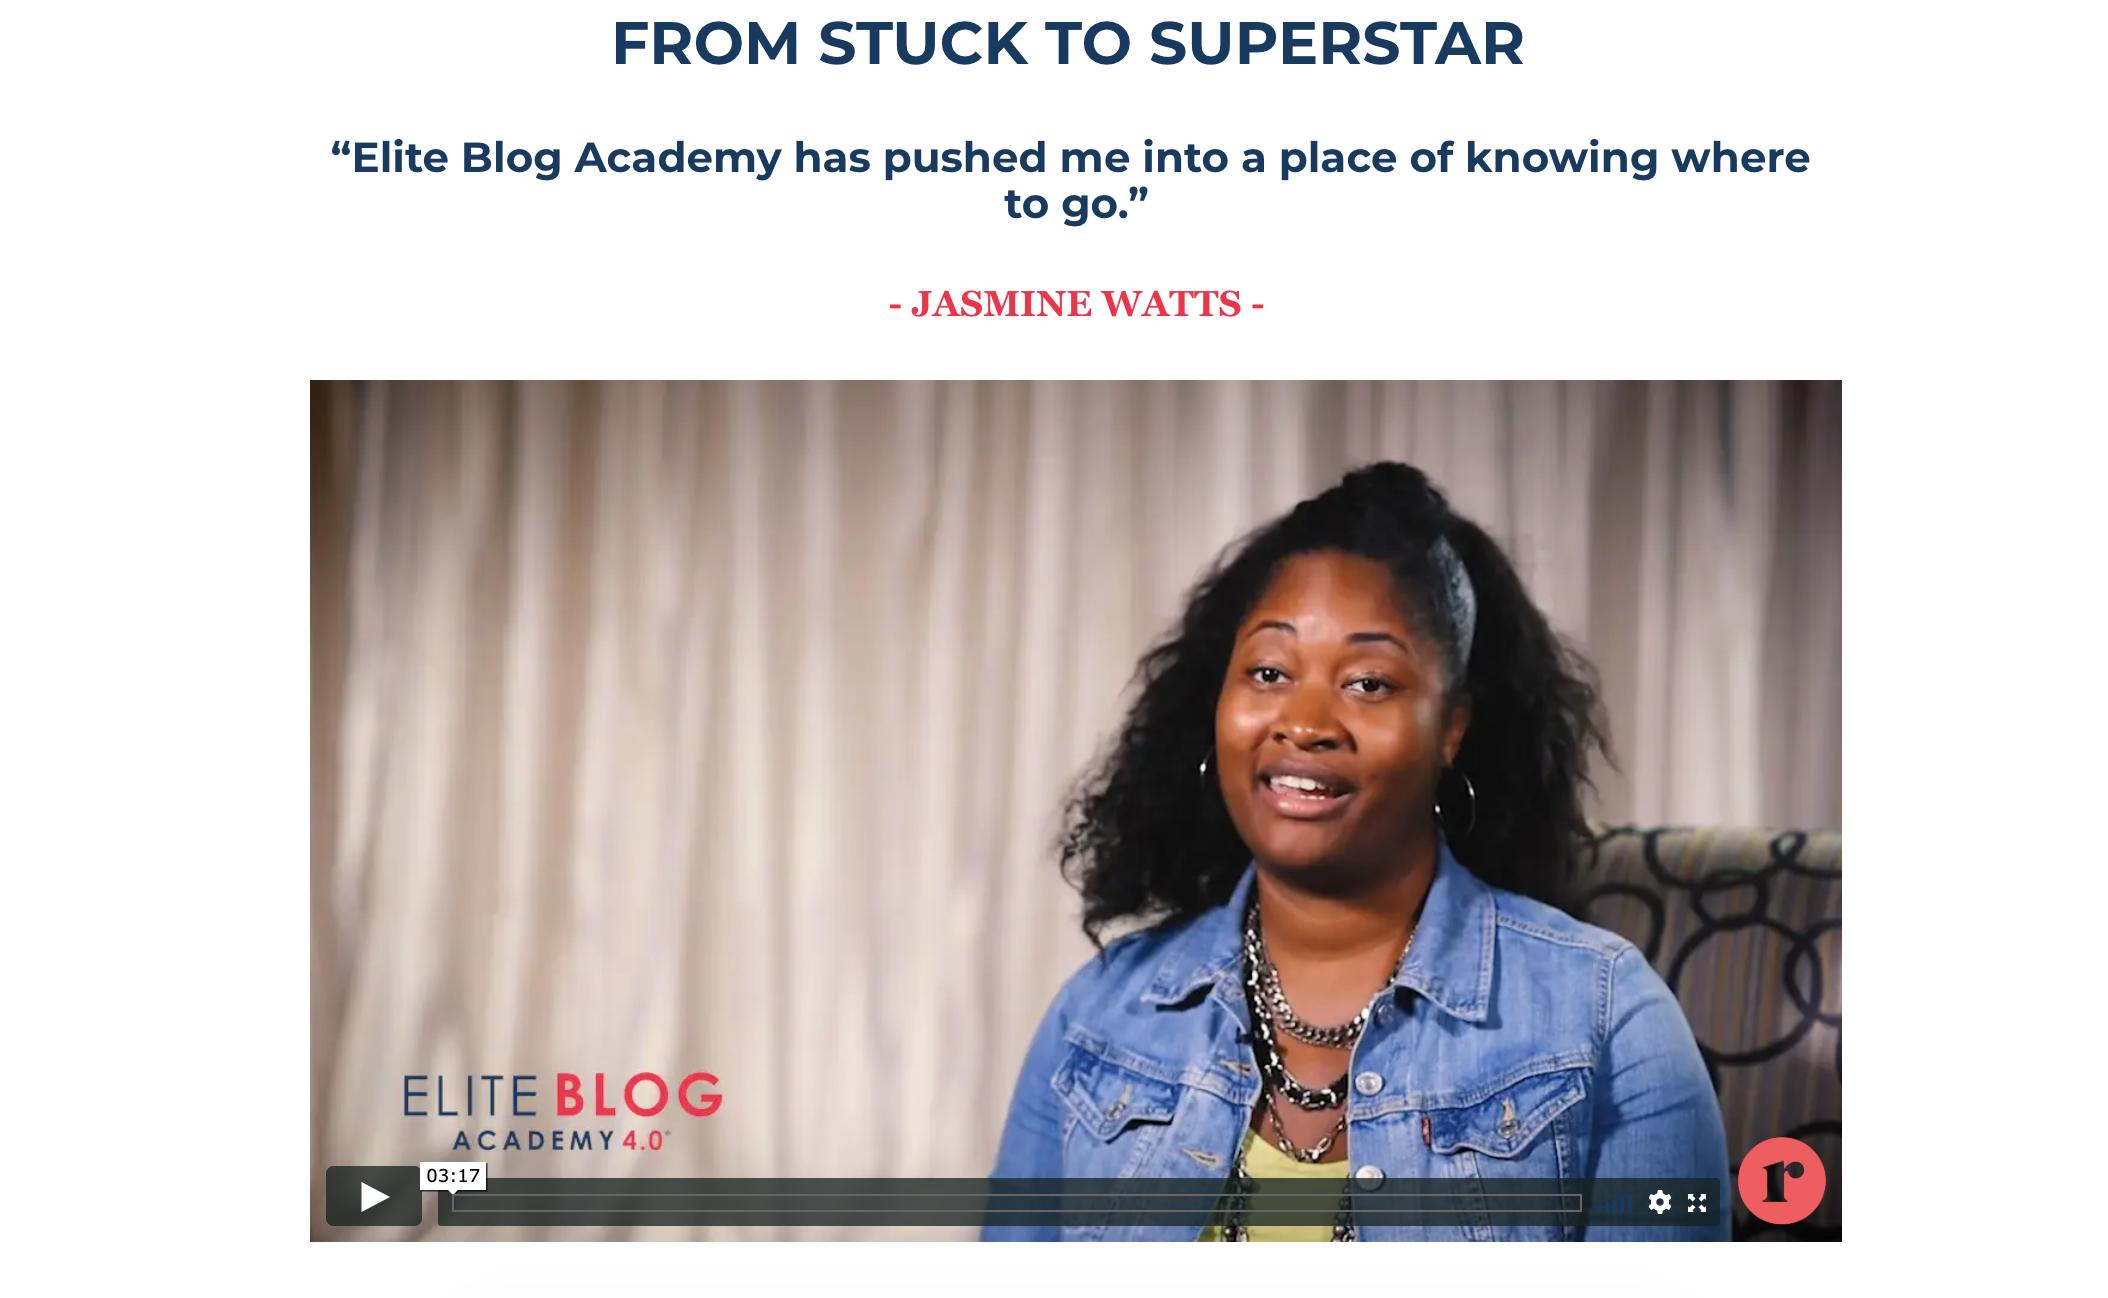 from stuck to superstar Jasmine Watts interview with Elite Blog Academy